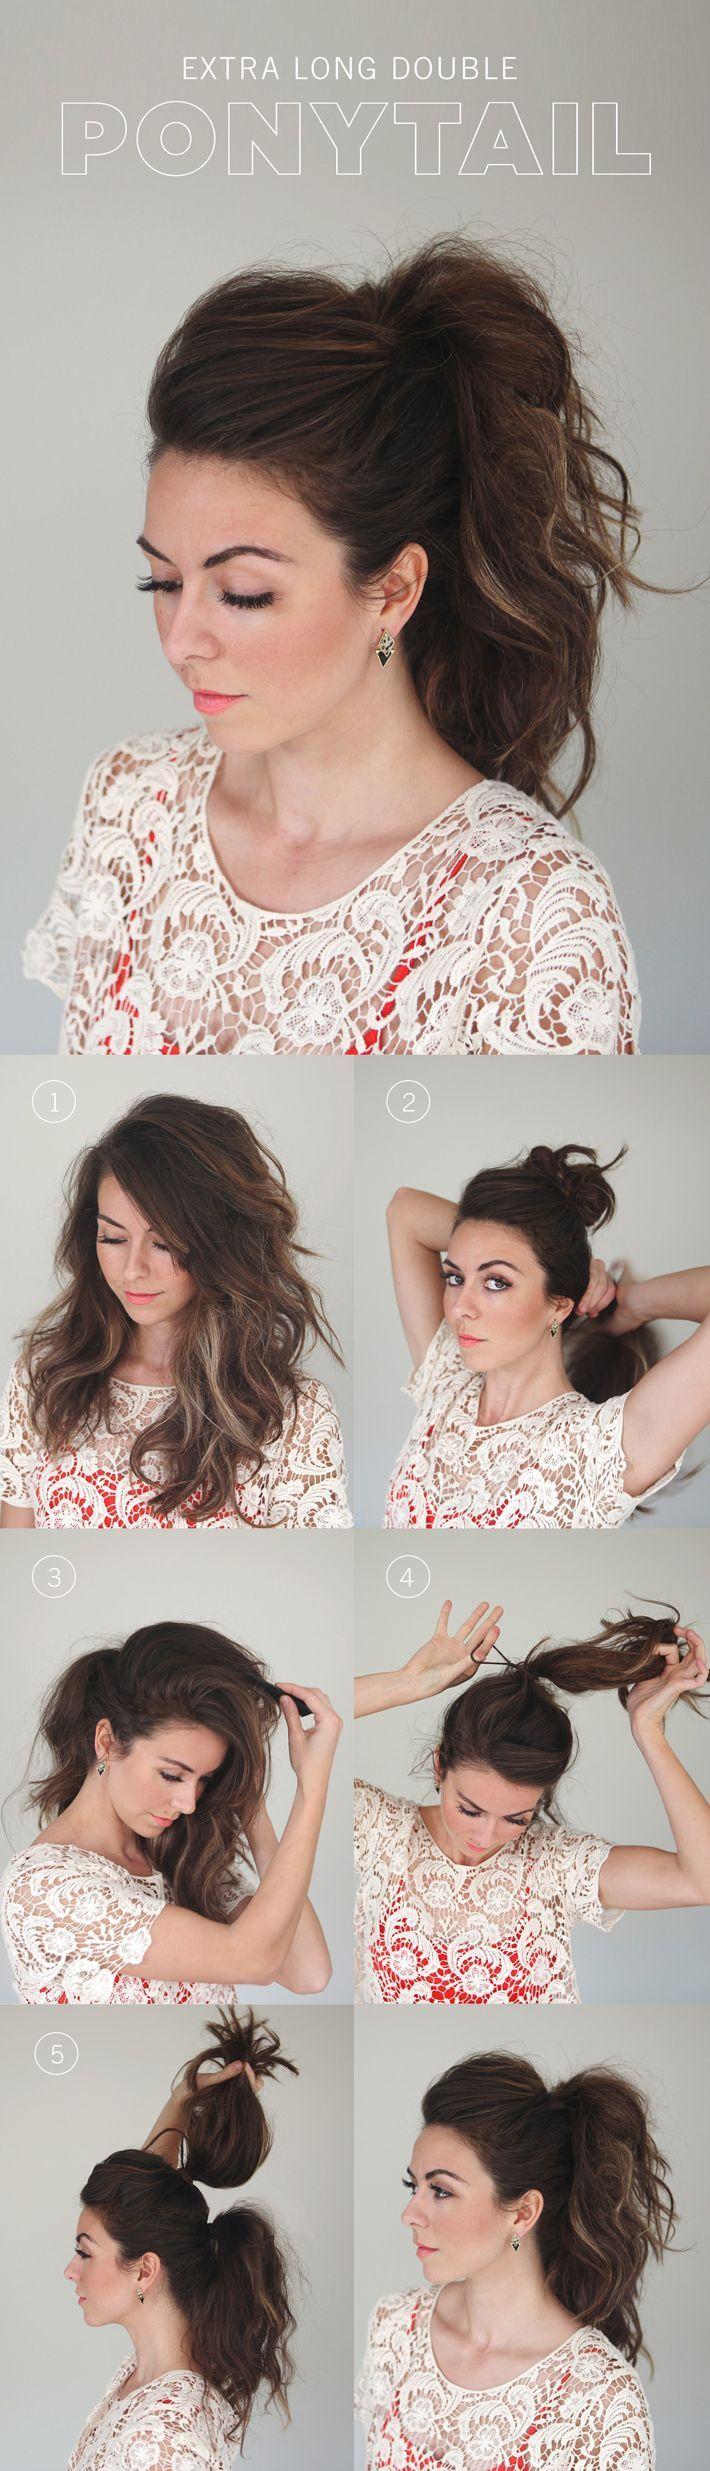 Ir al salón de belleza te quitará minutos preciados, intenta mejor con uno de estos sencillos peinados.